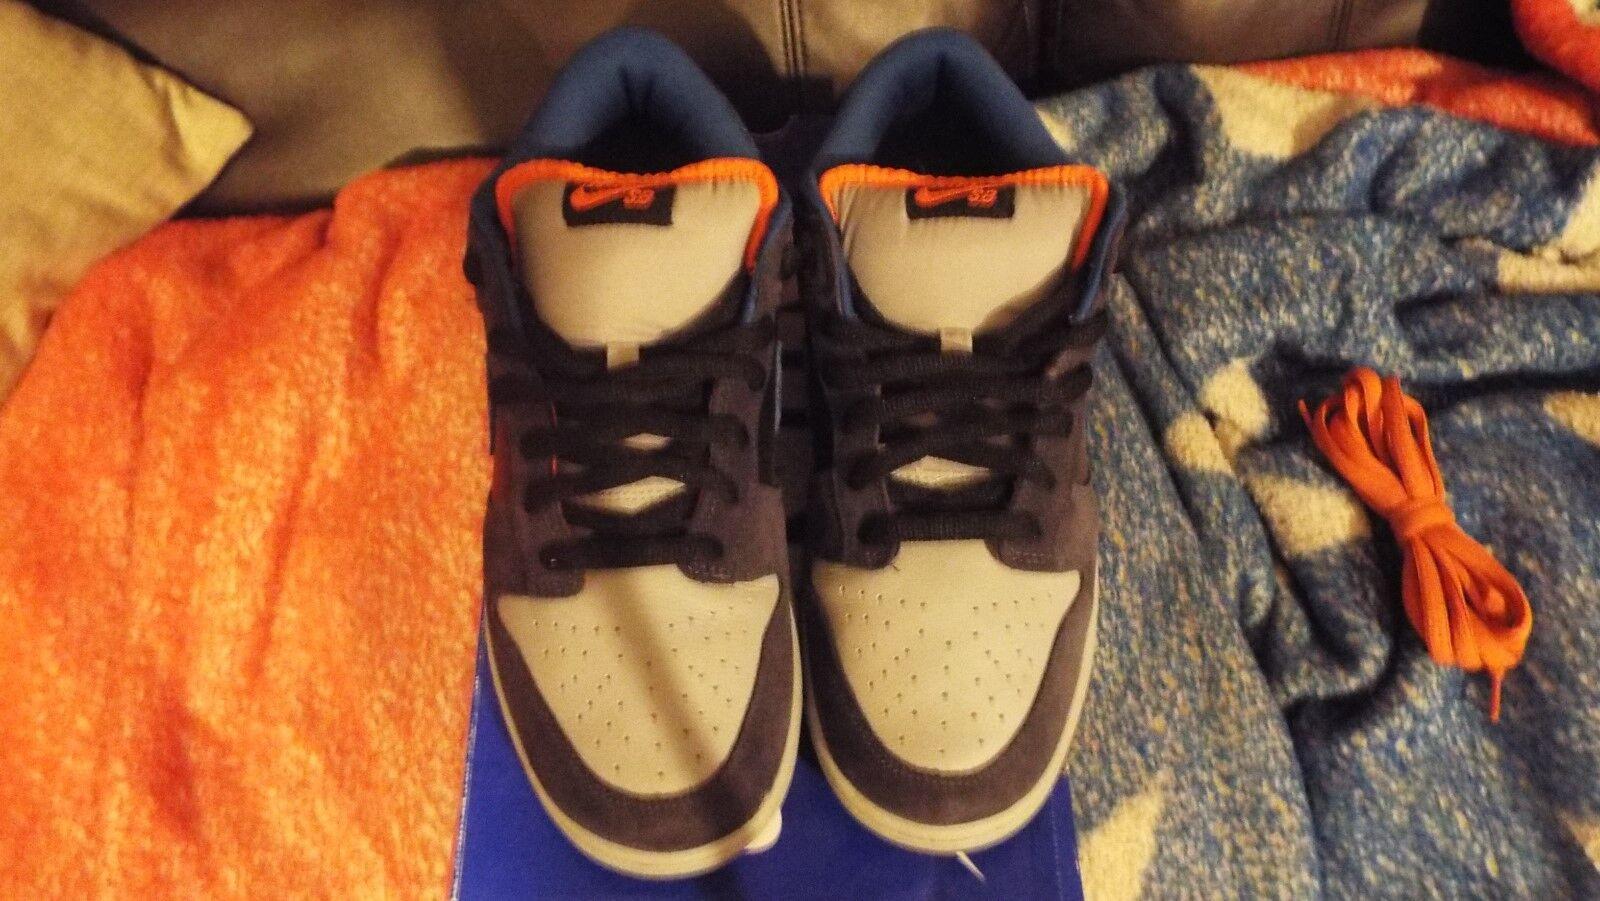 2009 Sz Nike Dunk faible SB Sz 2009 11 PATAGONIA noir ACADEMY Bleu ORANGE 304292-042 fb88b0